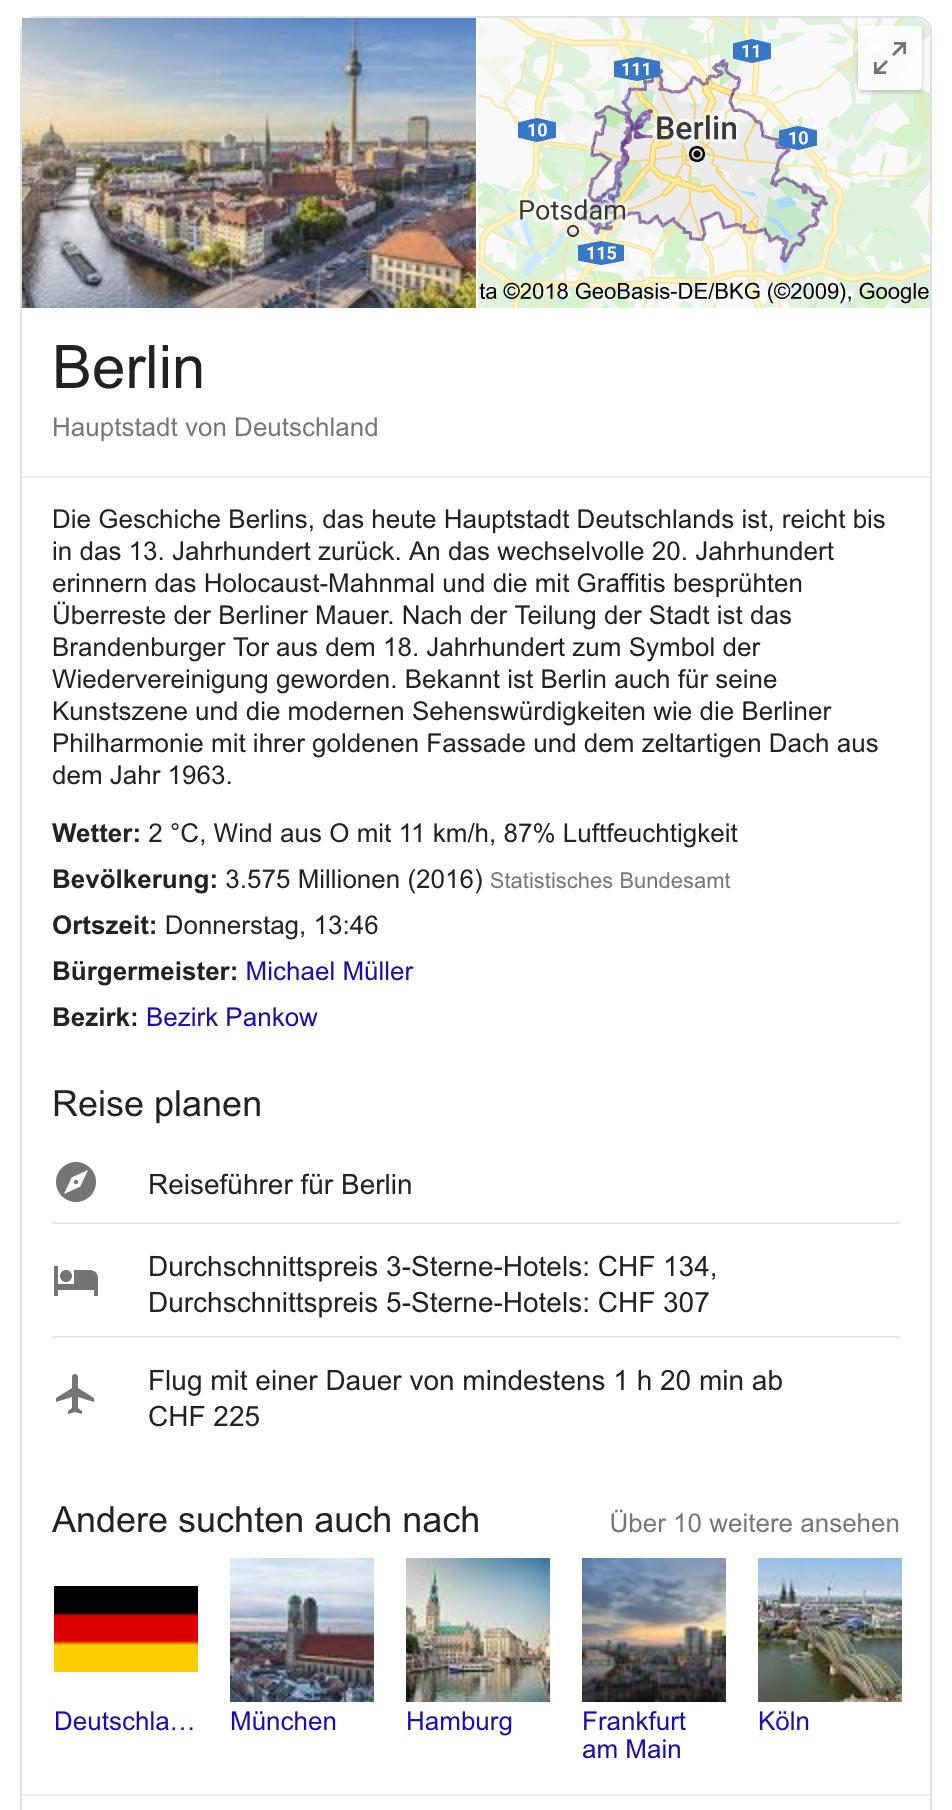 google snippet werbung rupperswil 6 - Google macht Werbung für Rupperswil AG mit einem Vierfachmörder